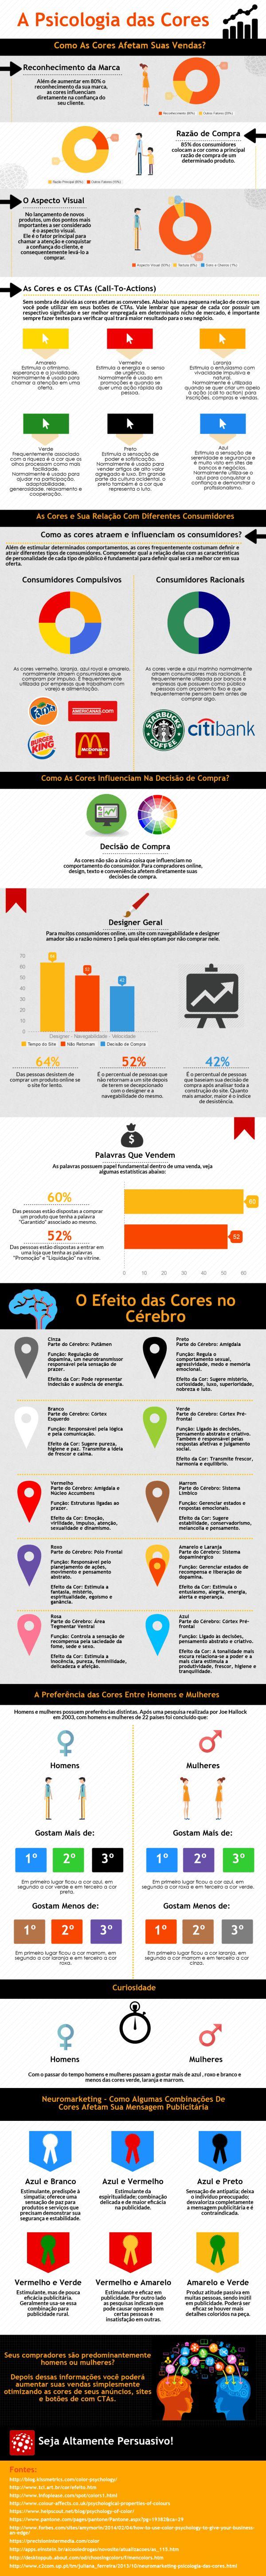 Infográfico-A-Psicologia-das-Cores-e-o-Significado-das-Cores